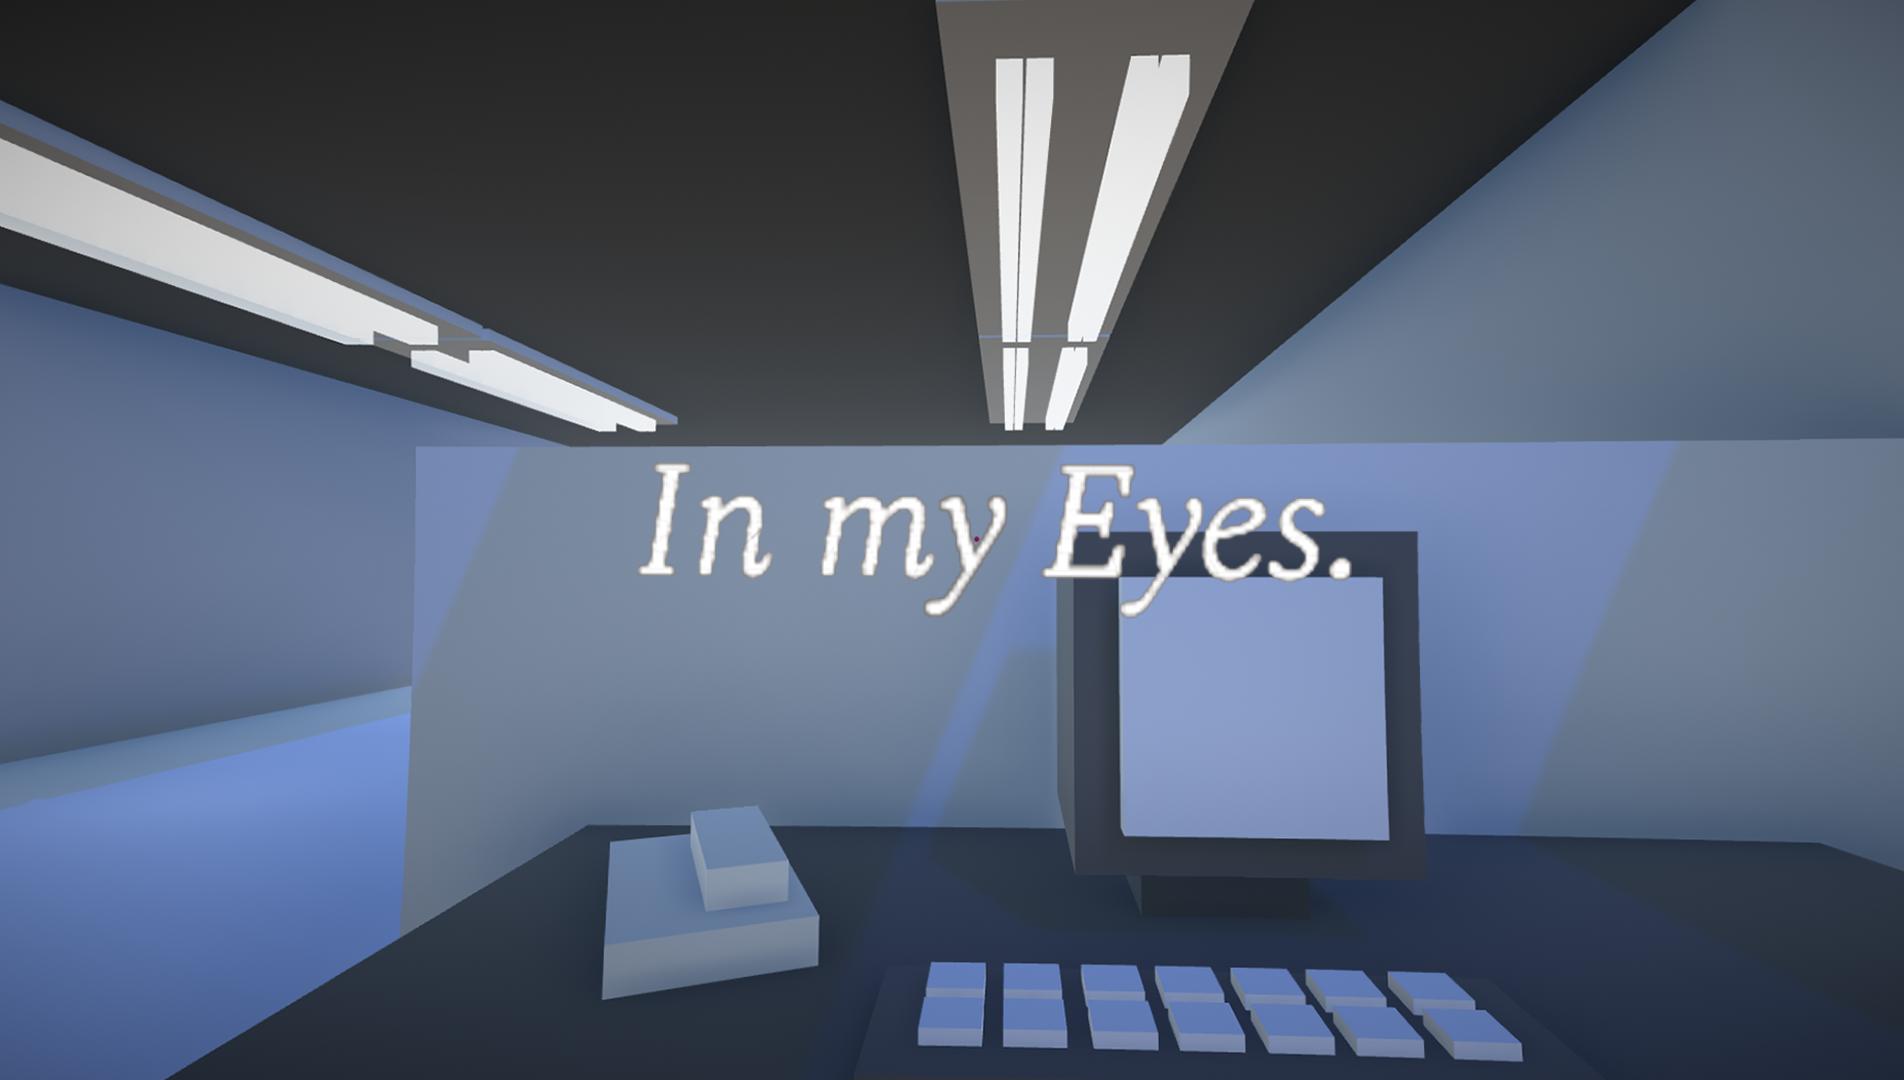 In my Eyes.